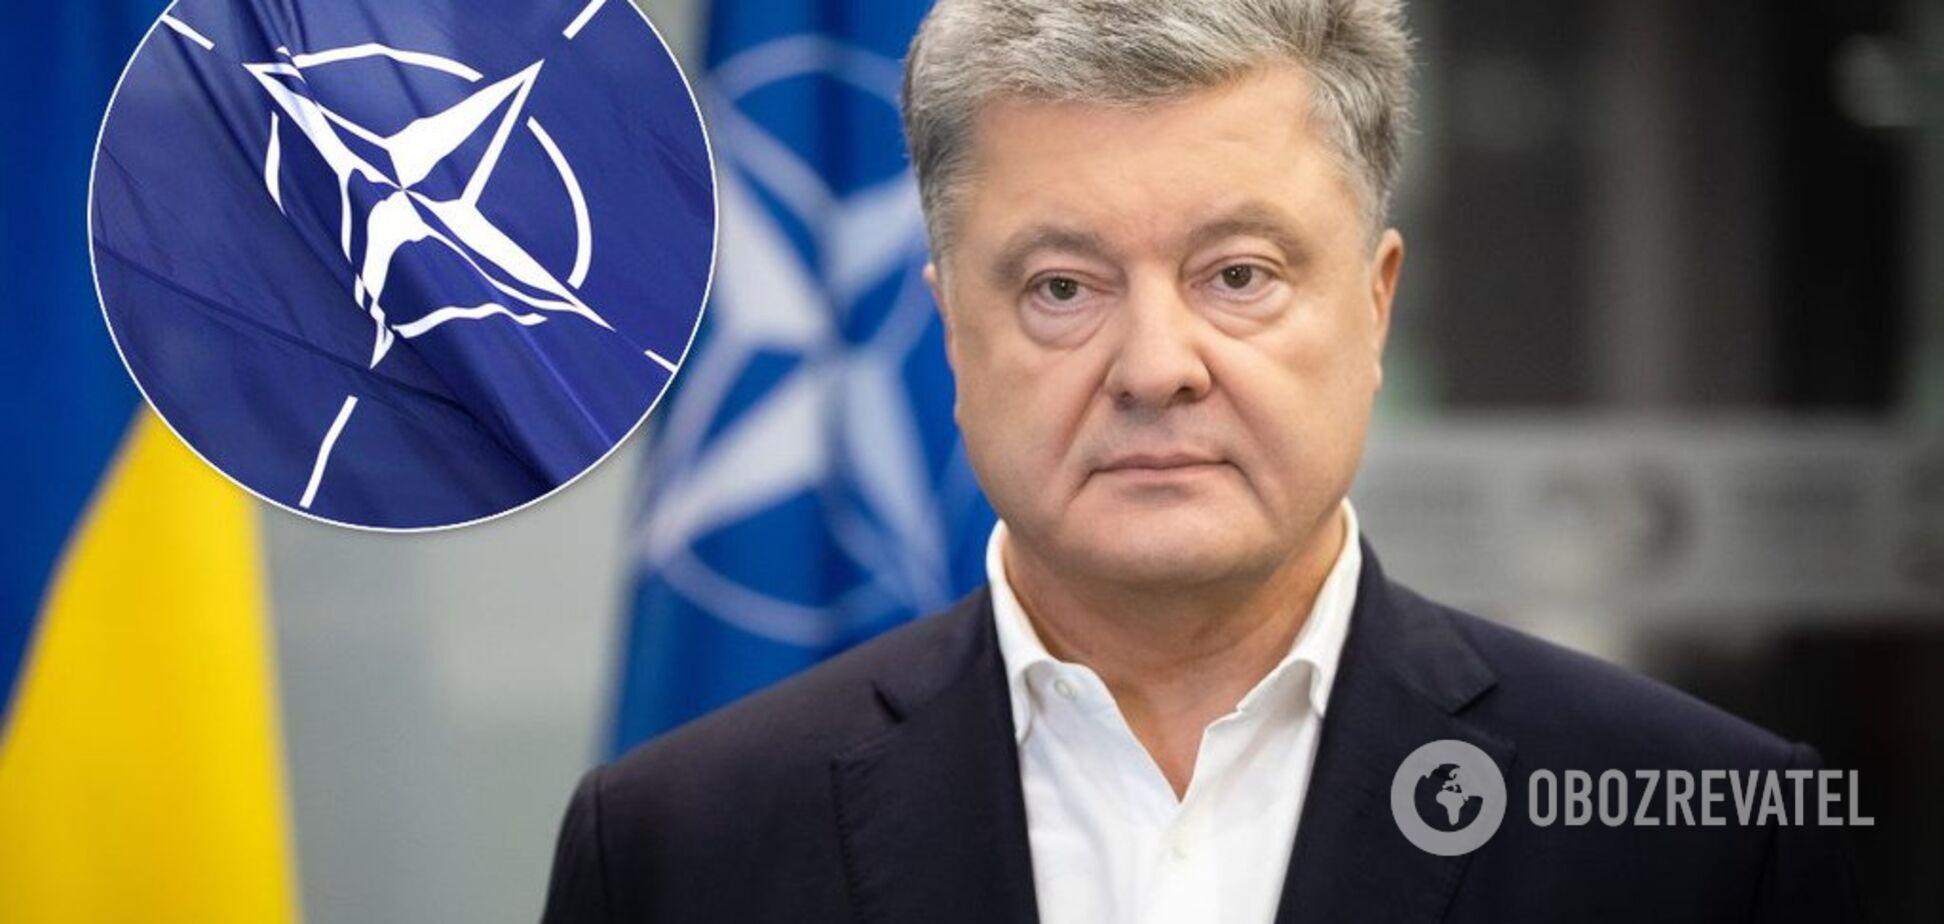 Порошенко призвал Раду объединиться ради НАТО